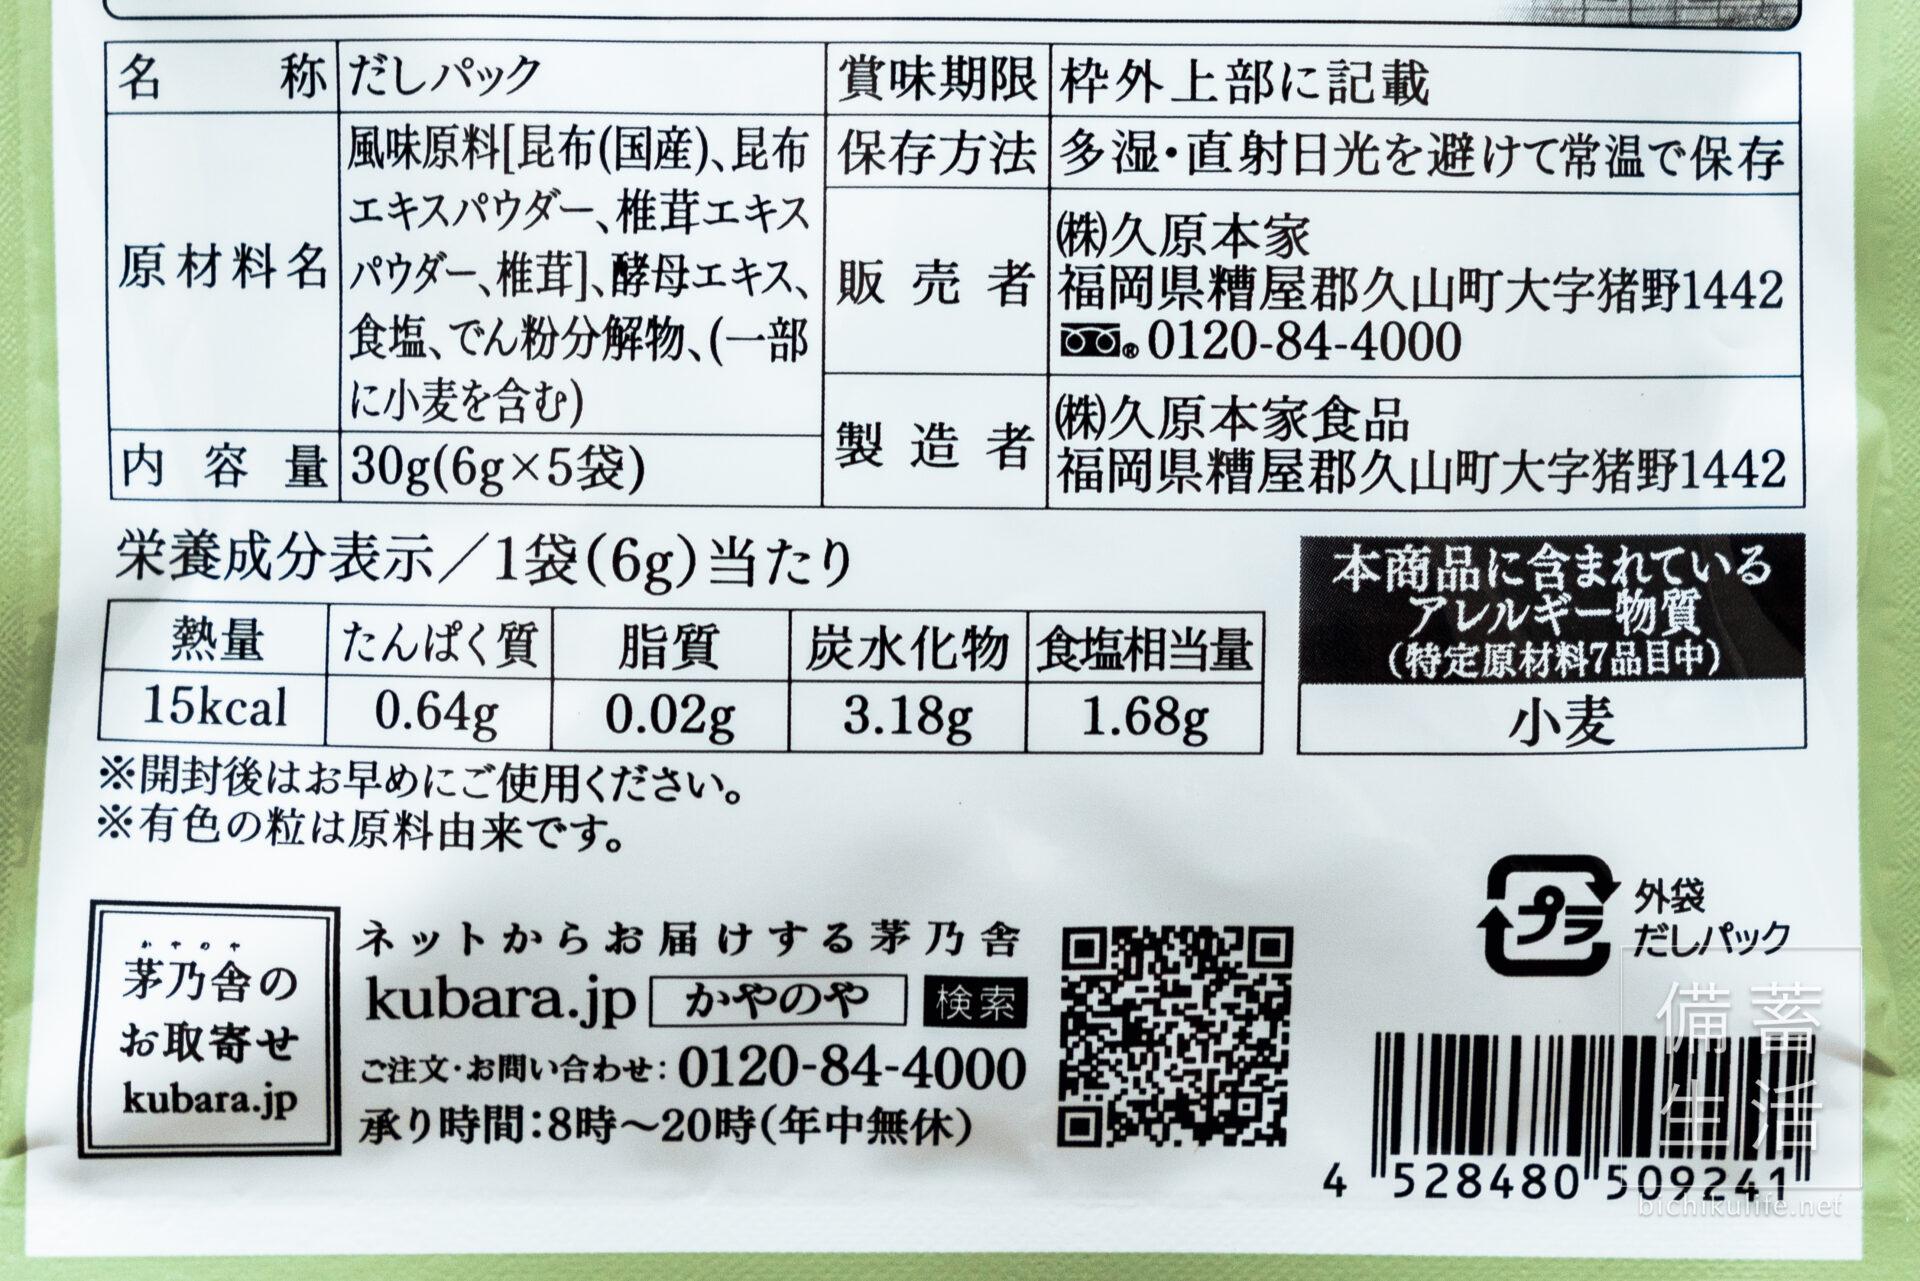 茅乃舎の昆布だしの商品概要・栄養成分表示